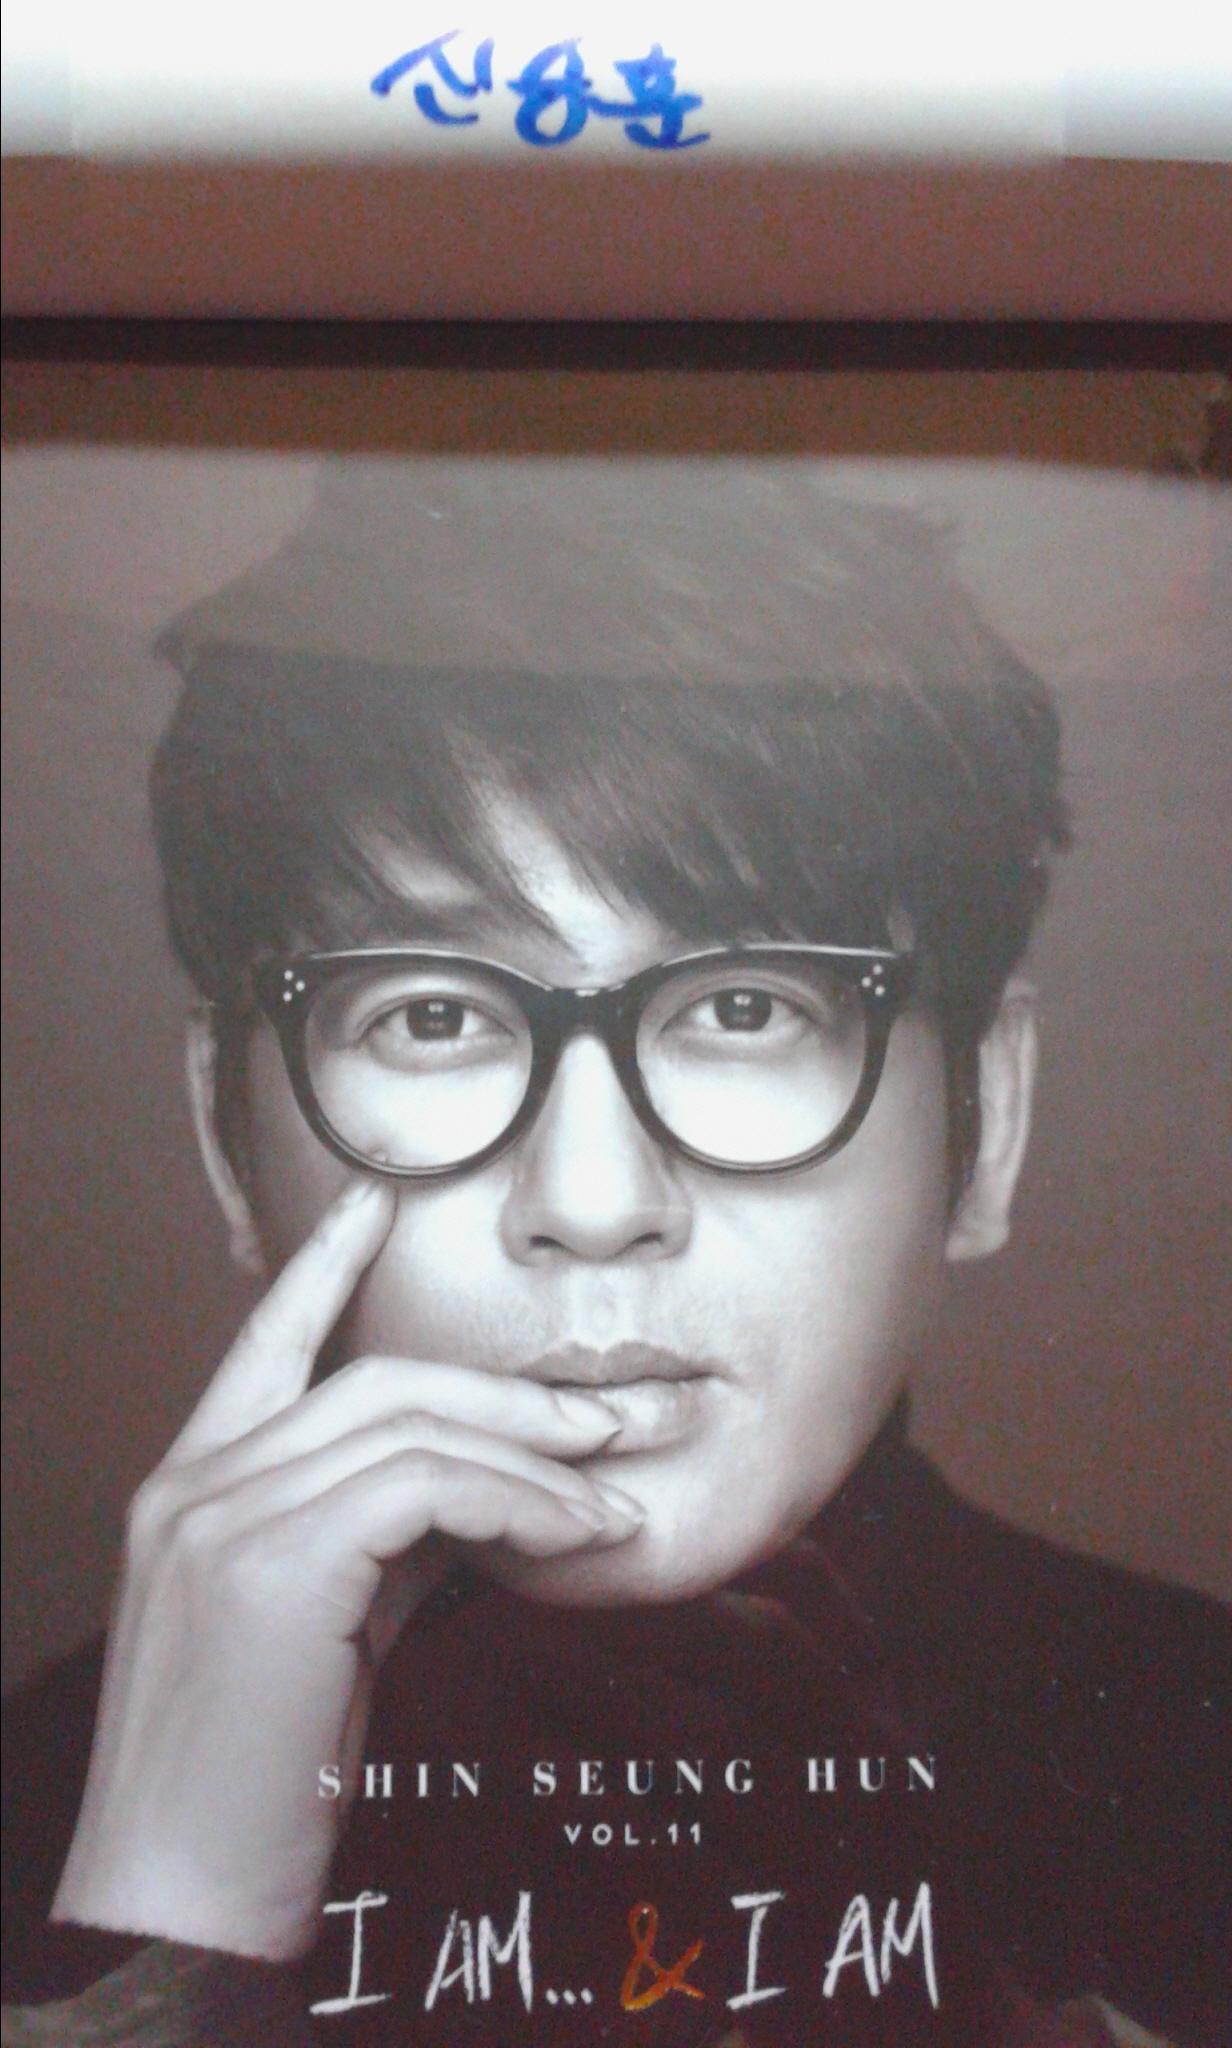 2015년 11월 17일-신승훈 11집 CD 및 포스터